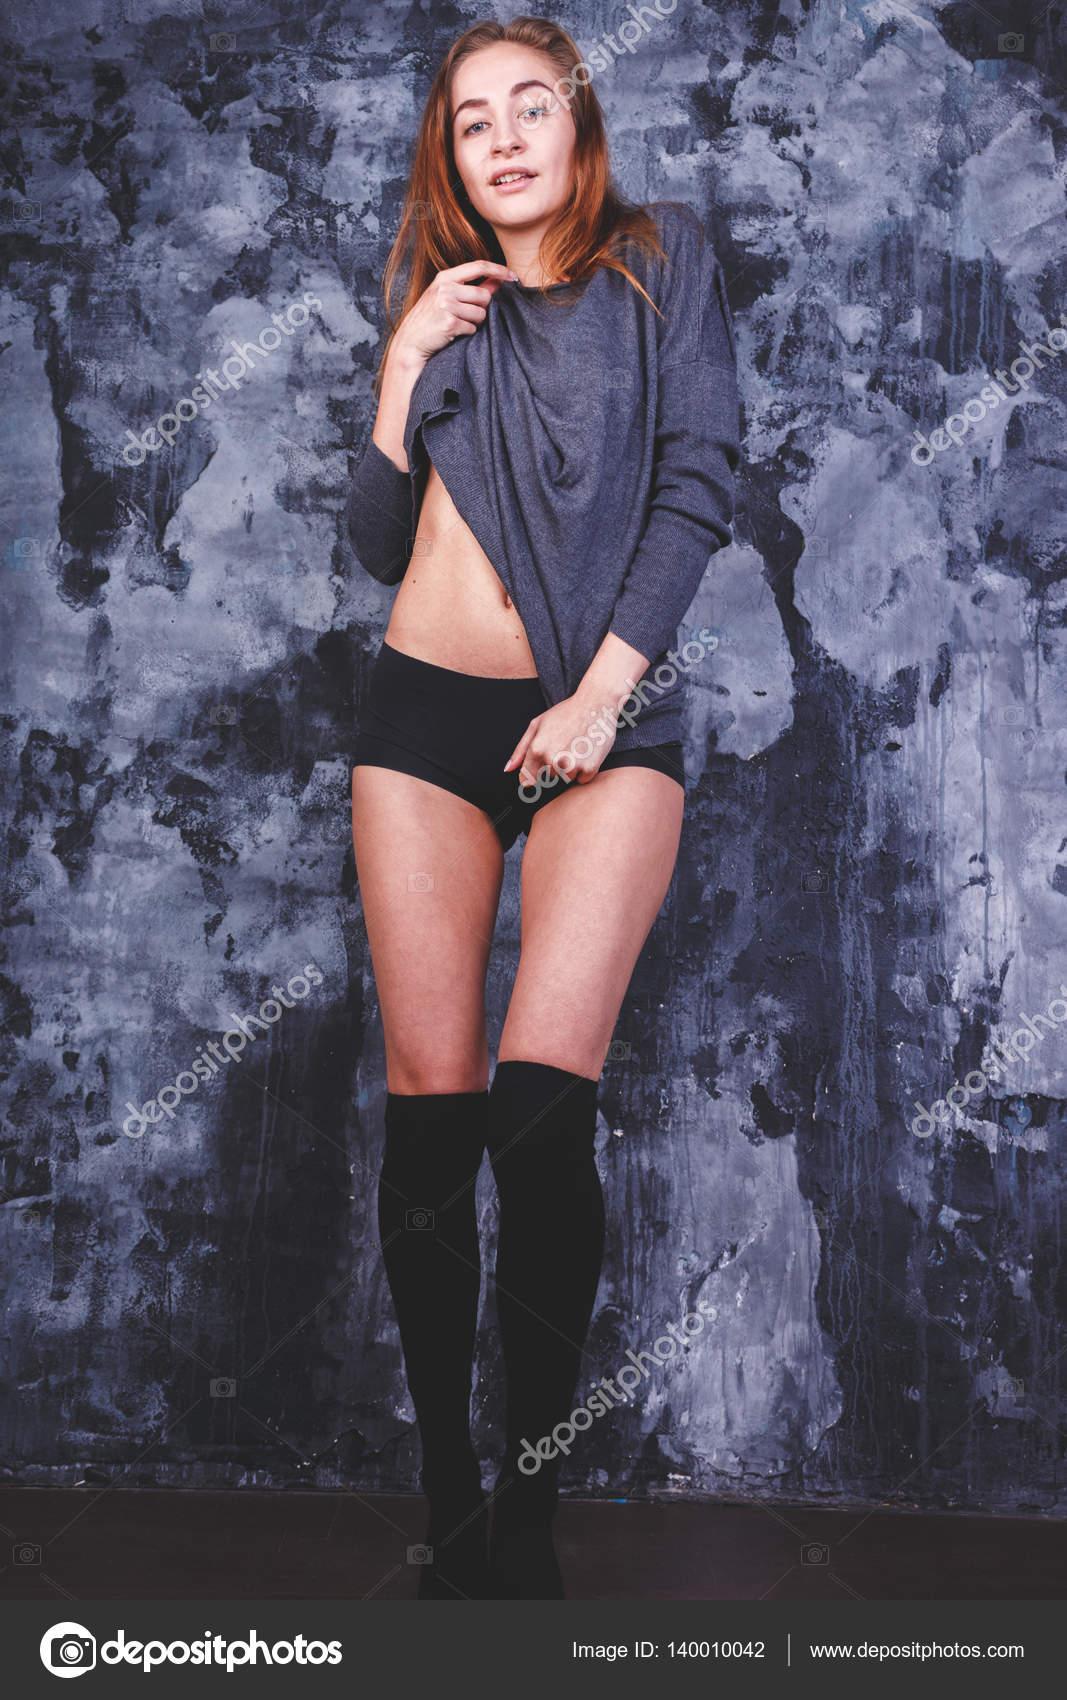 Сексуальная девушка в пиджаке